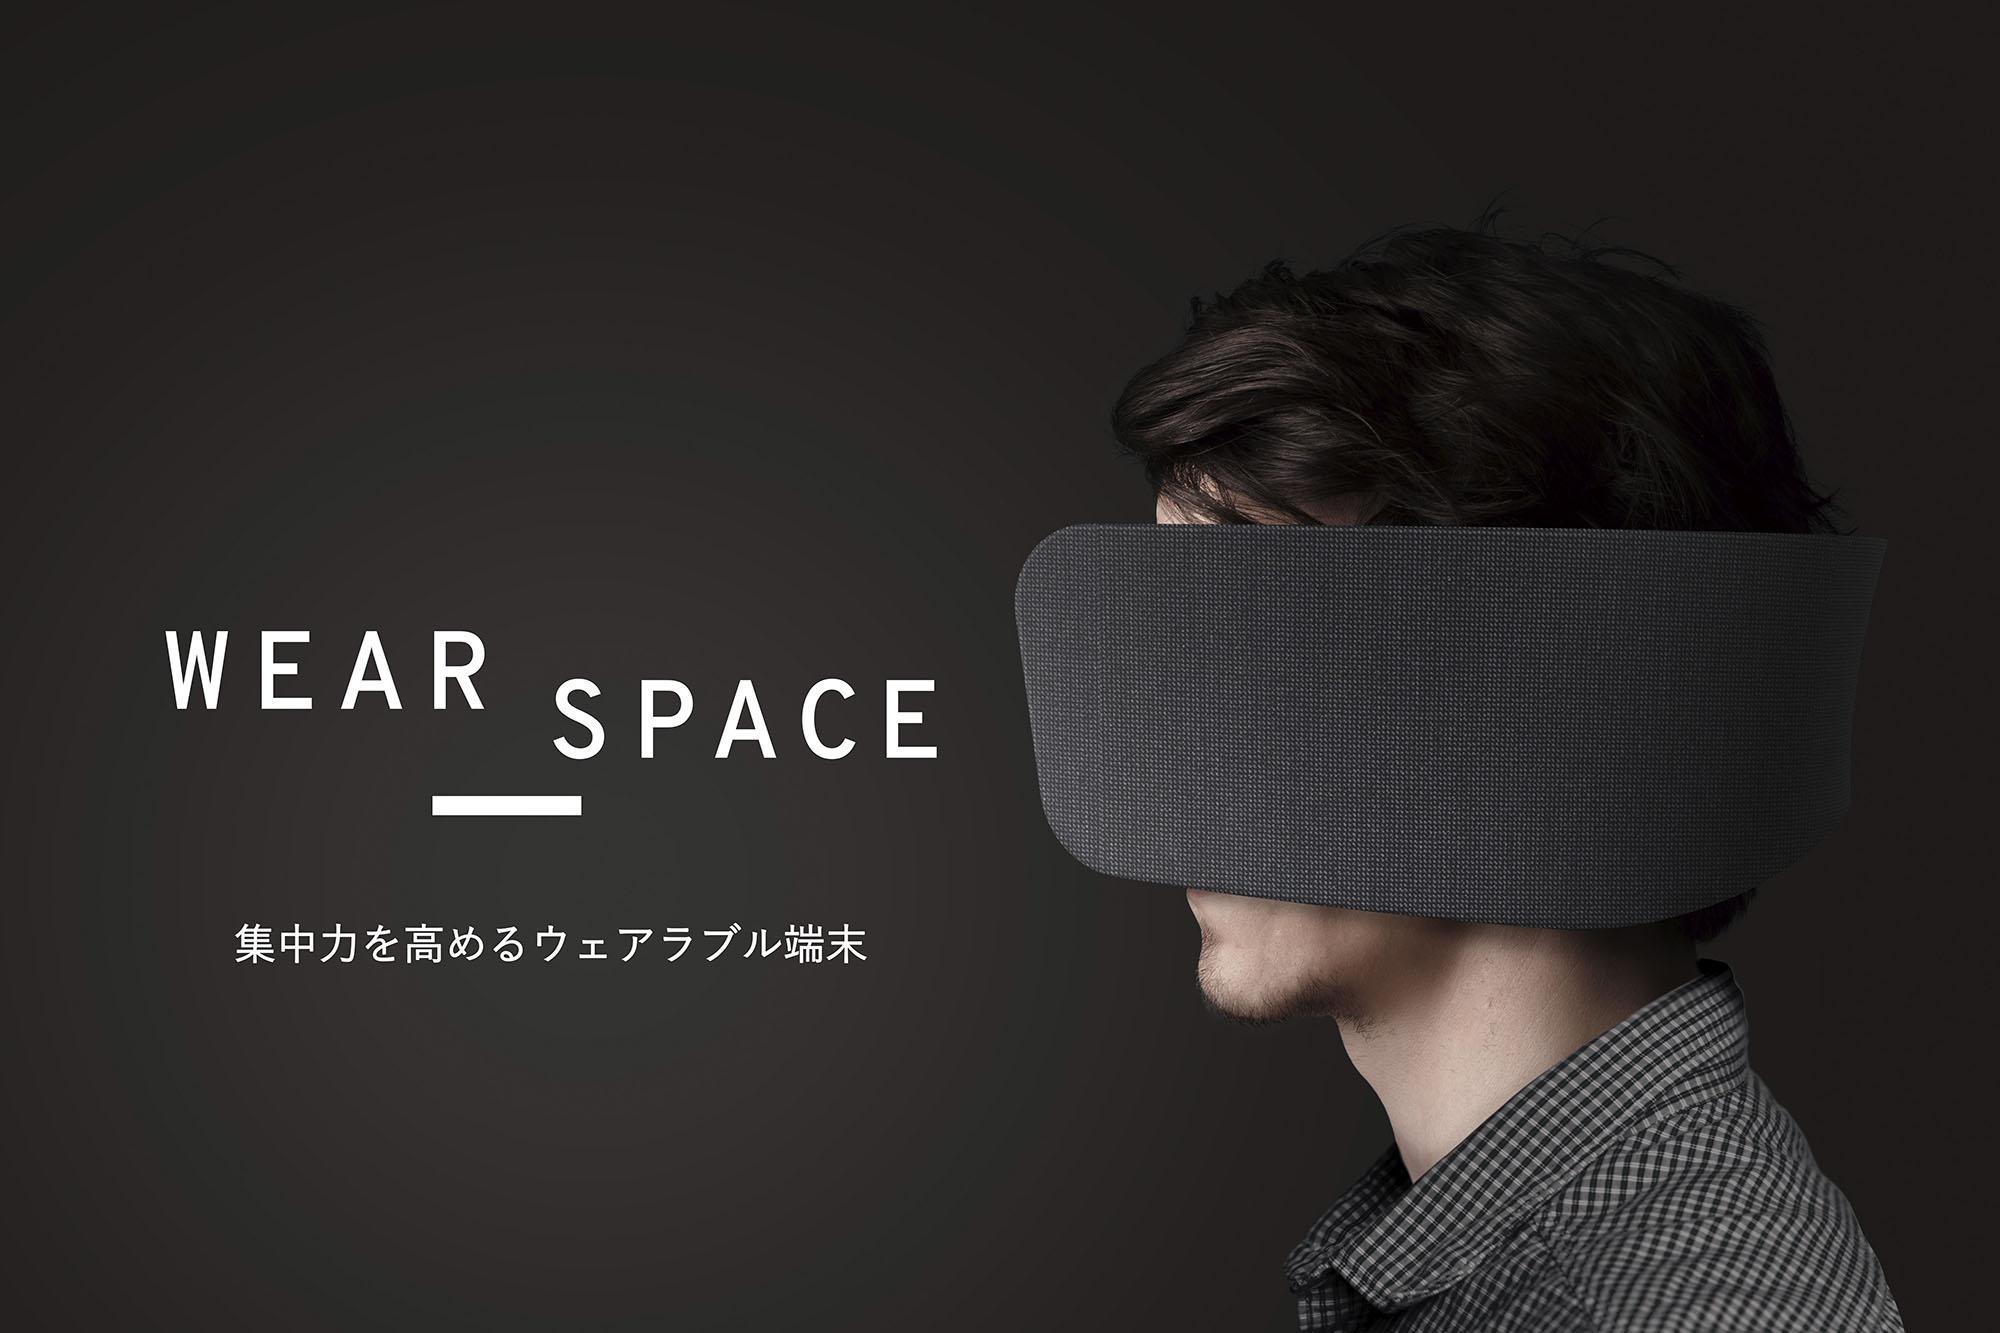 ウェアラブル端末「WEAR SPACE」の開発・事業化を目指しクラウドファンディングを開始